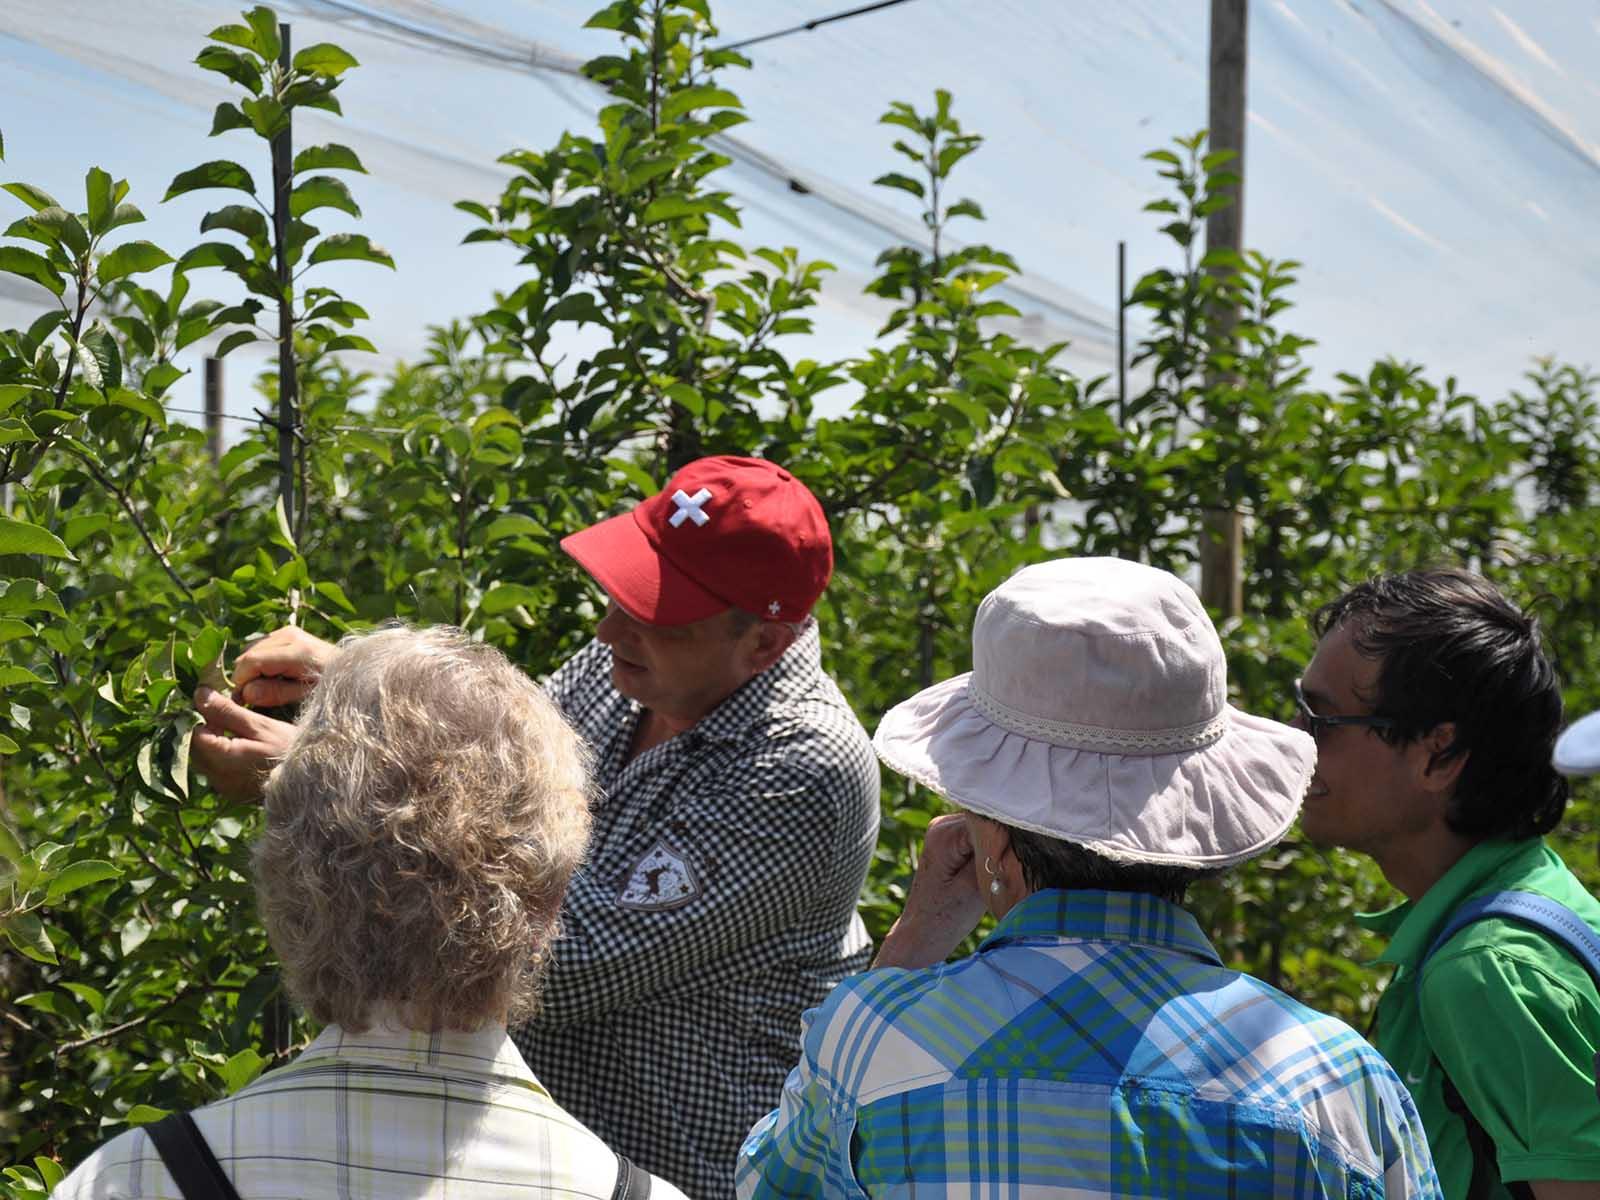 Obst- und Weinbauer Daniel Wegmann zeigt den Besucher*innen, wie der Maikäfer als Nützling gegen Läuse auf den Apfelbäumen eingesetzt werden kann.